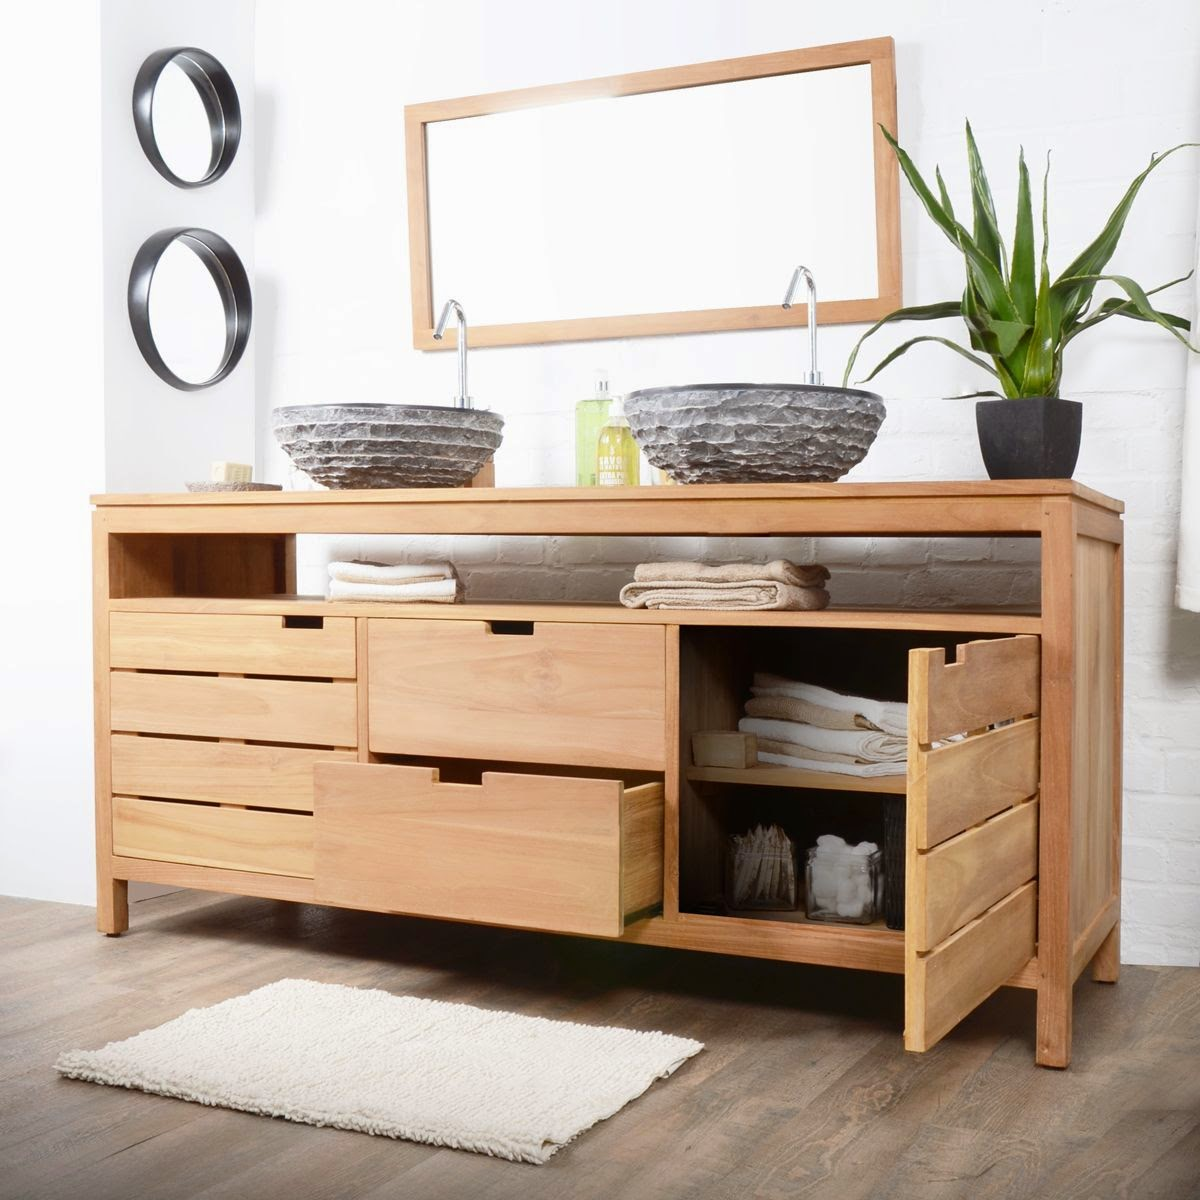 Meuble salle de bain bois 2 vasques meuble d coration maison for But meuble salle de bain